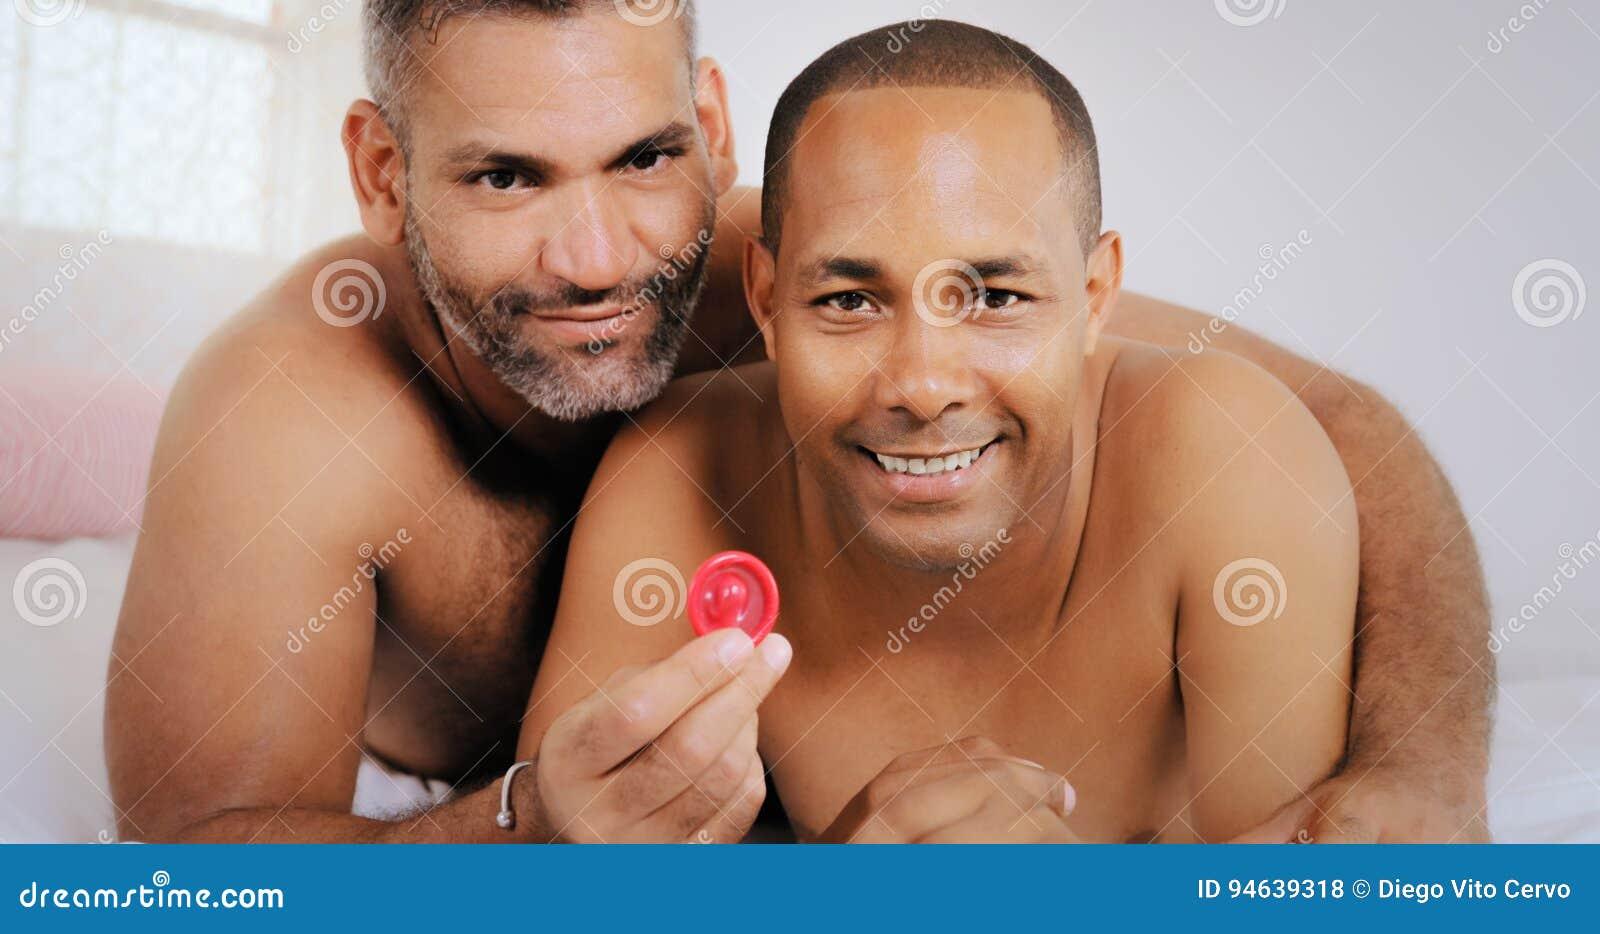 Sexe cam gay